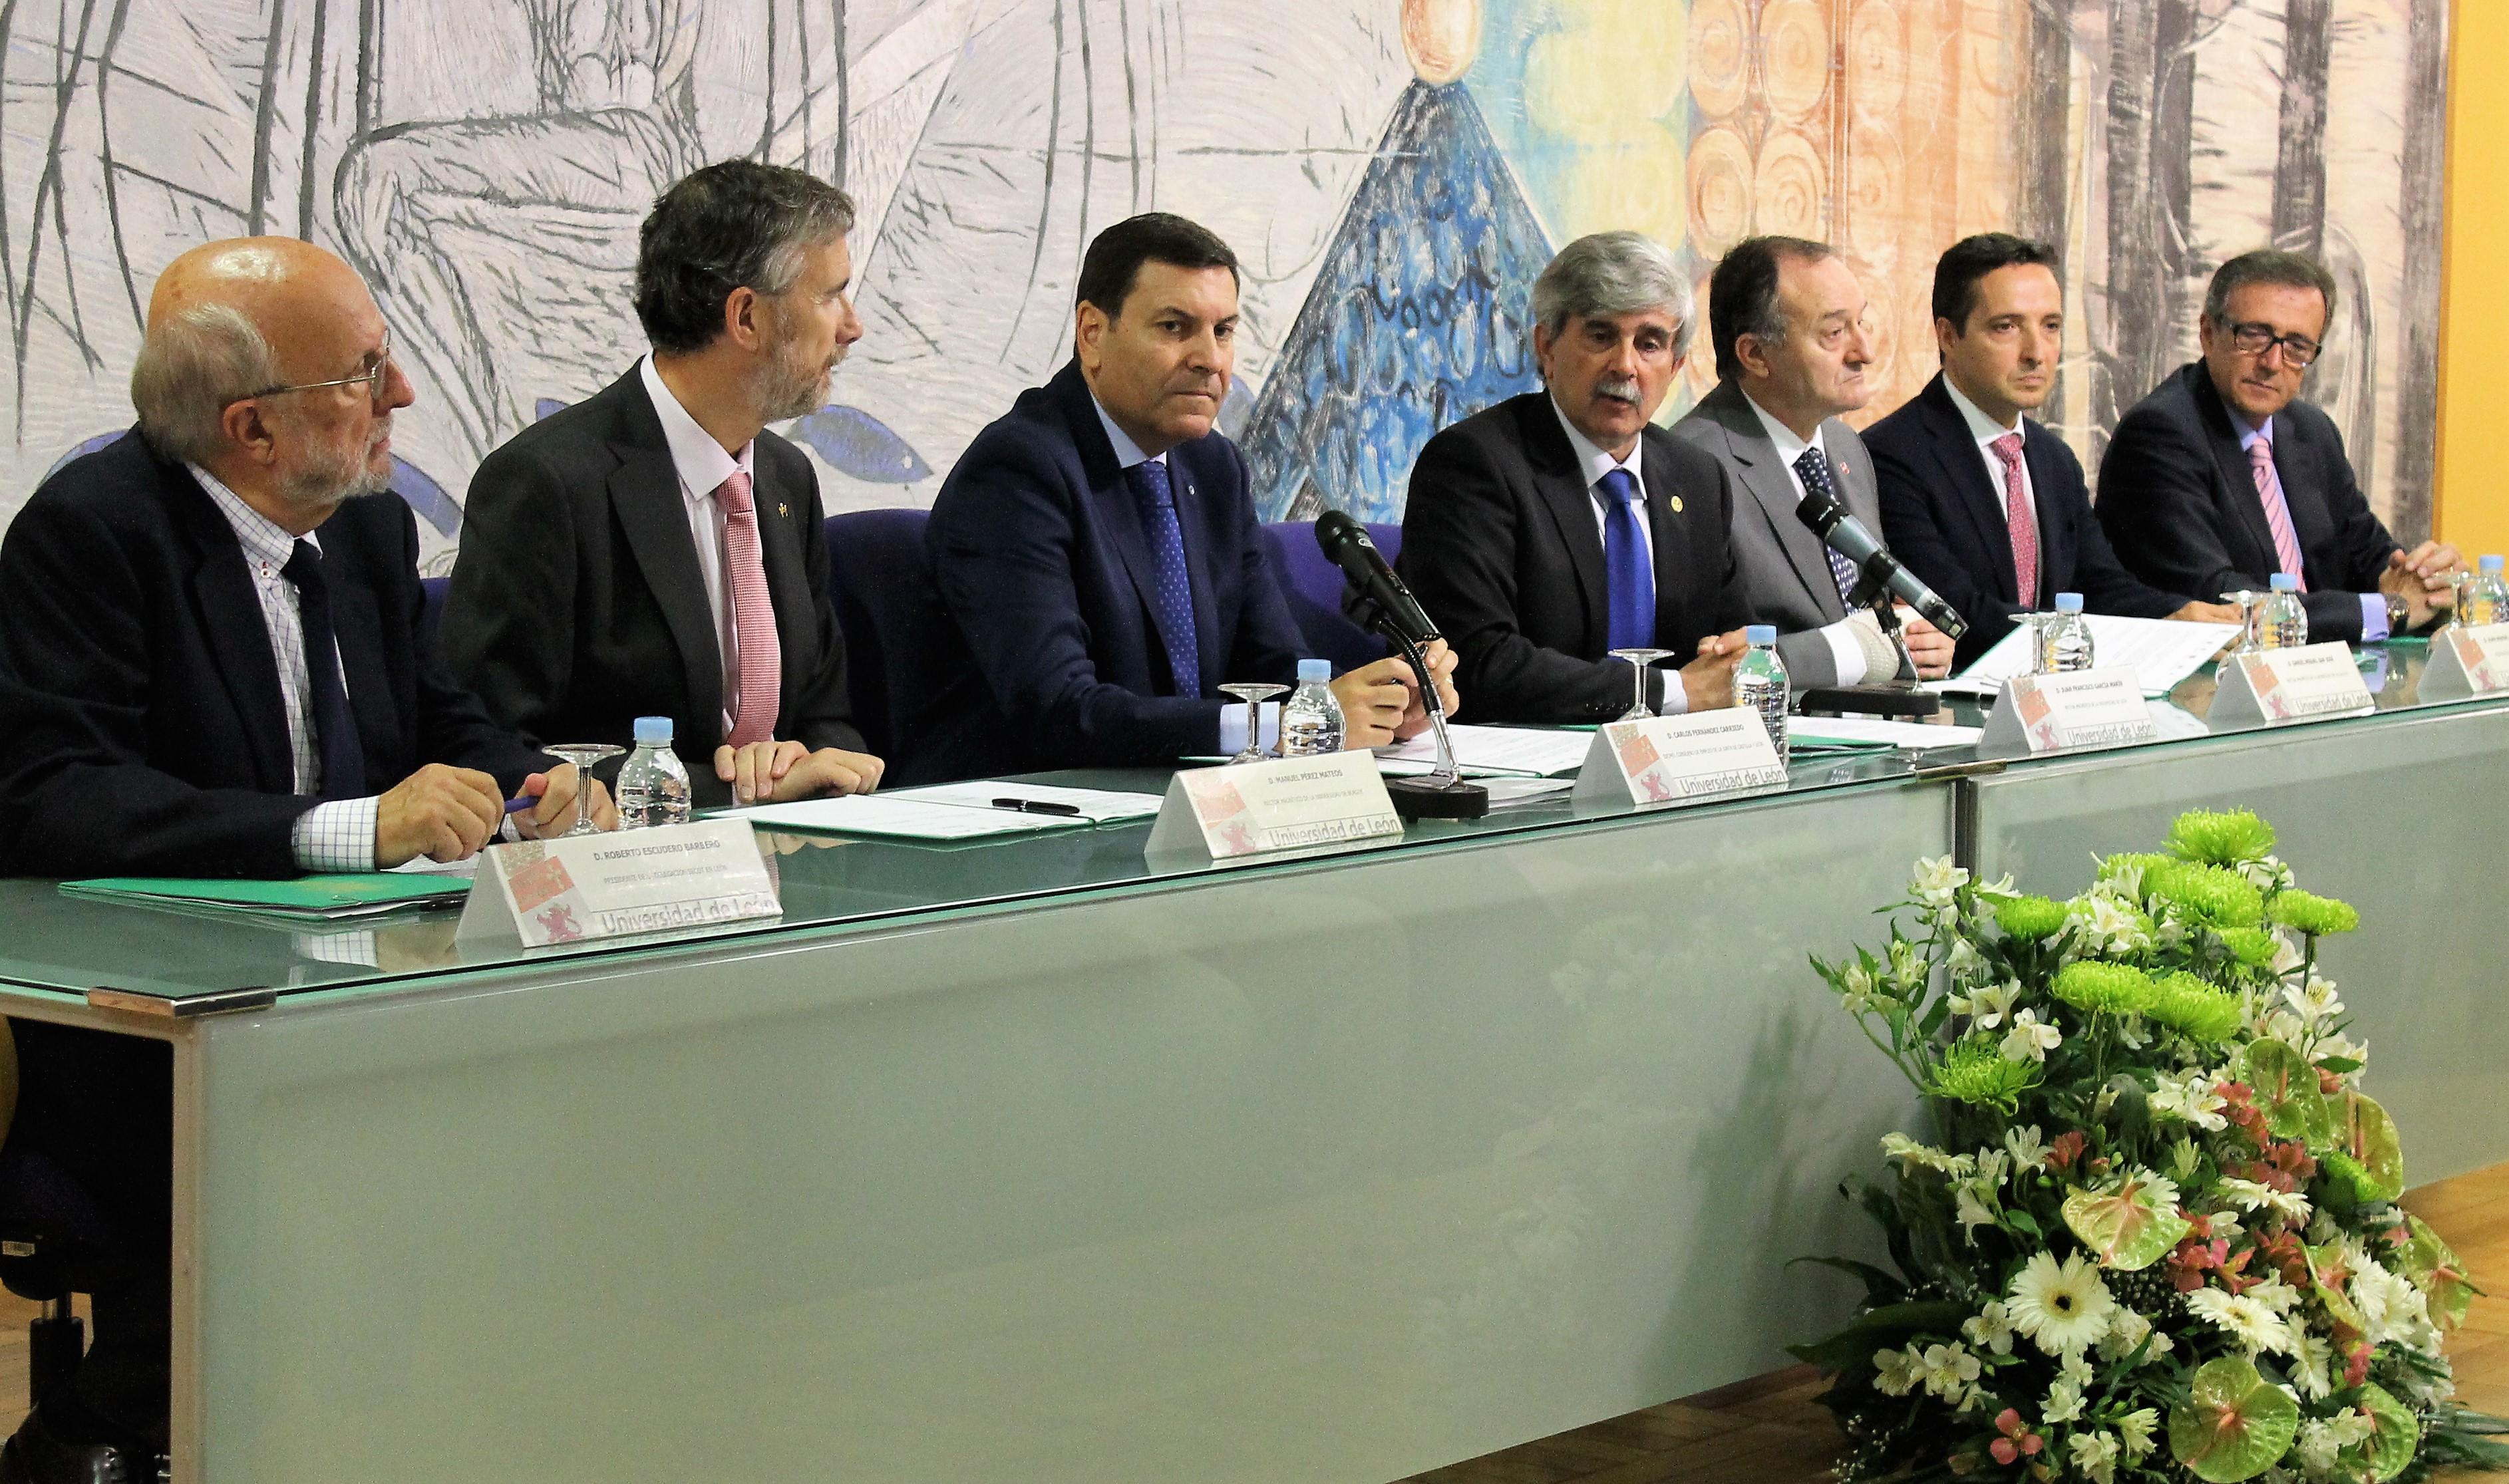 Las cuatro universidades públicas la región, la Junta de Castilla y León y SECOT suscriben un protocolo para poner en marcha la 'Oficina del Egresado Emprendedor'